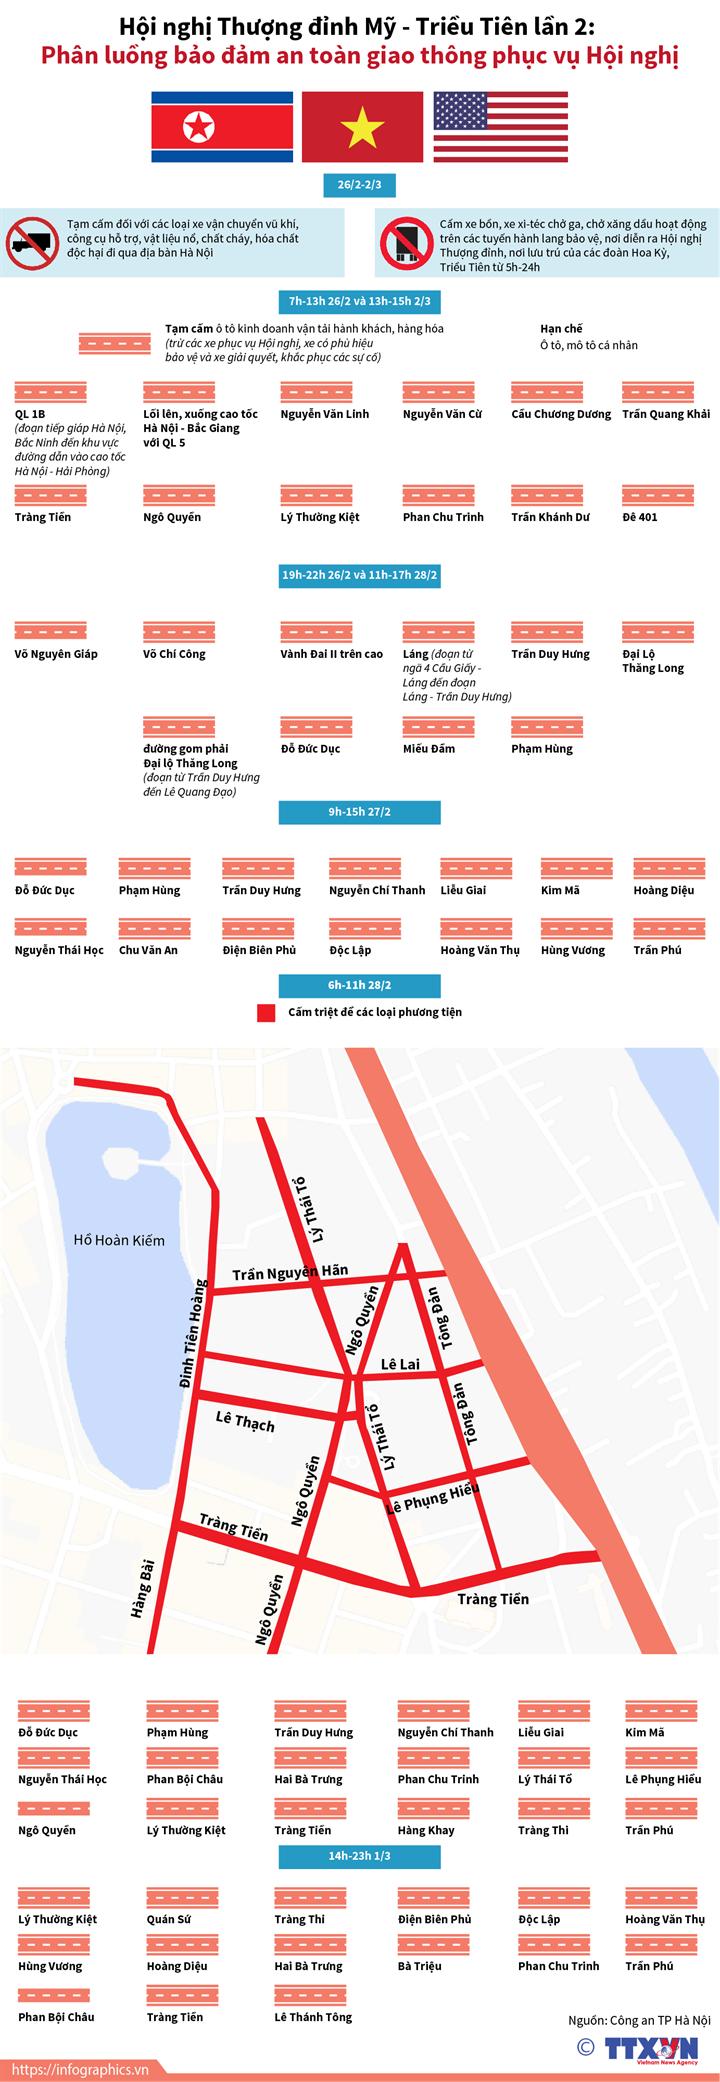 Hội nghị Thượng đỉnh Mỹ - Triều lần 2: Phân luồng bảo đảm an  toàn giao thông phục vụ Hội nghị